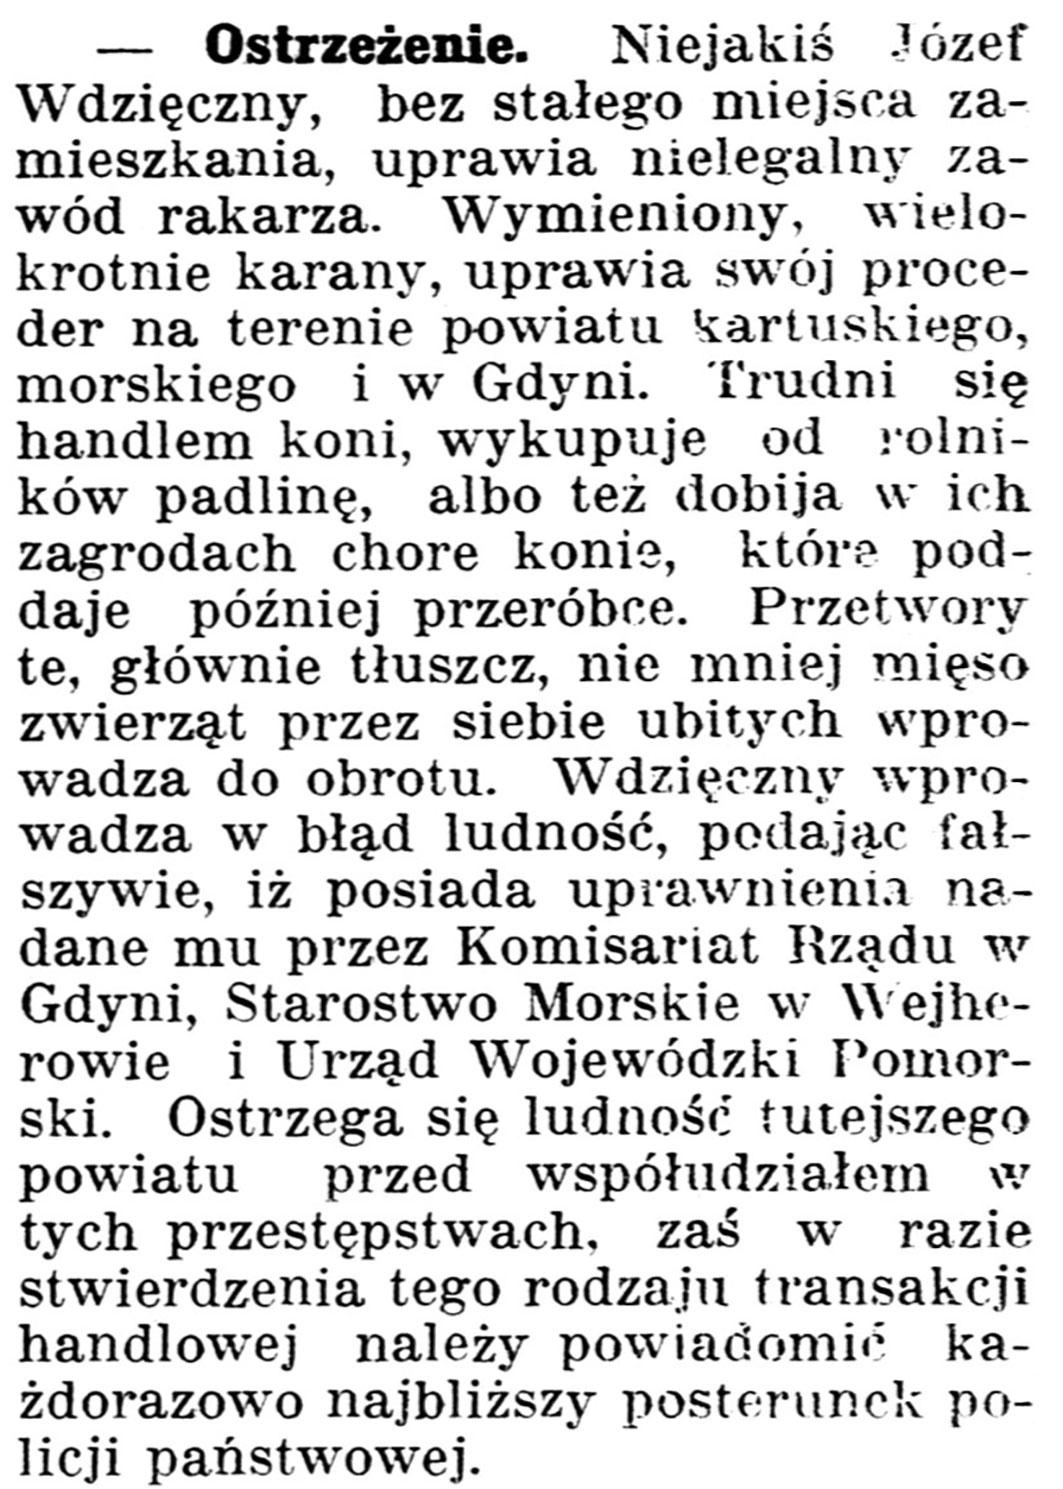 Ostrzeżenie // Gazeta Kartuska. - 1939, nr 53, s. 2